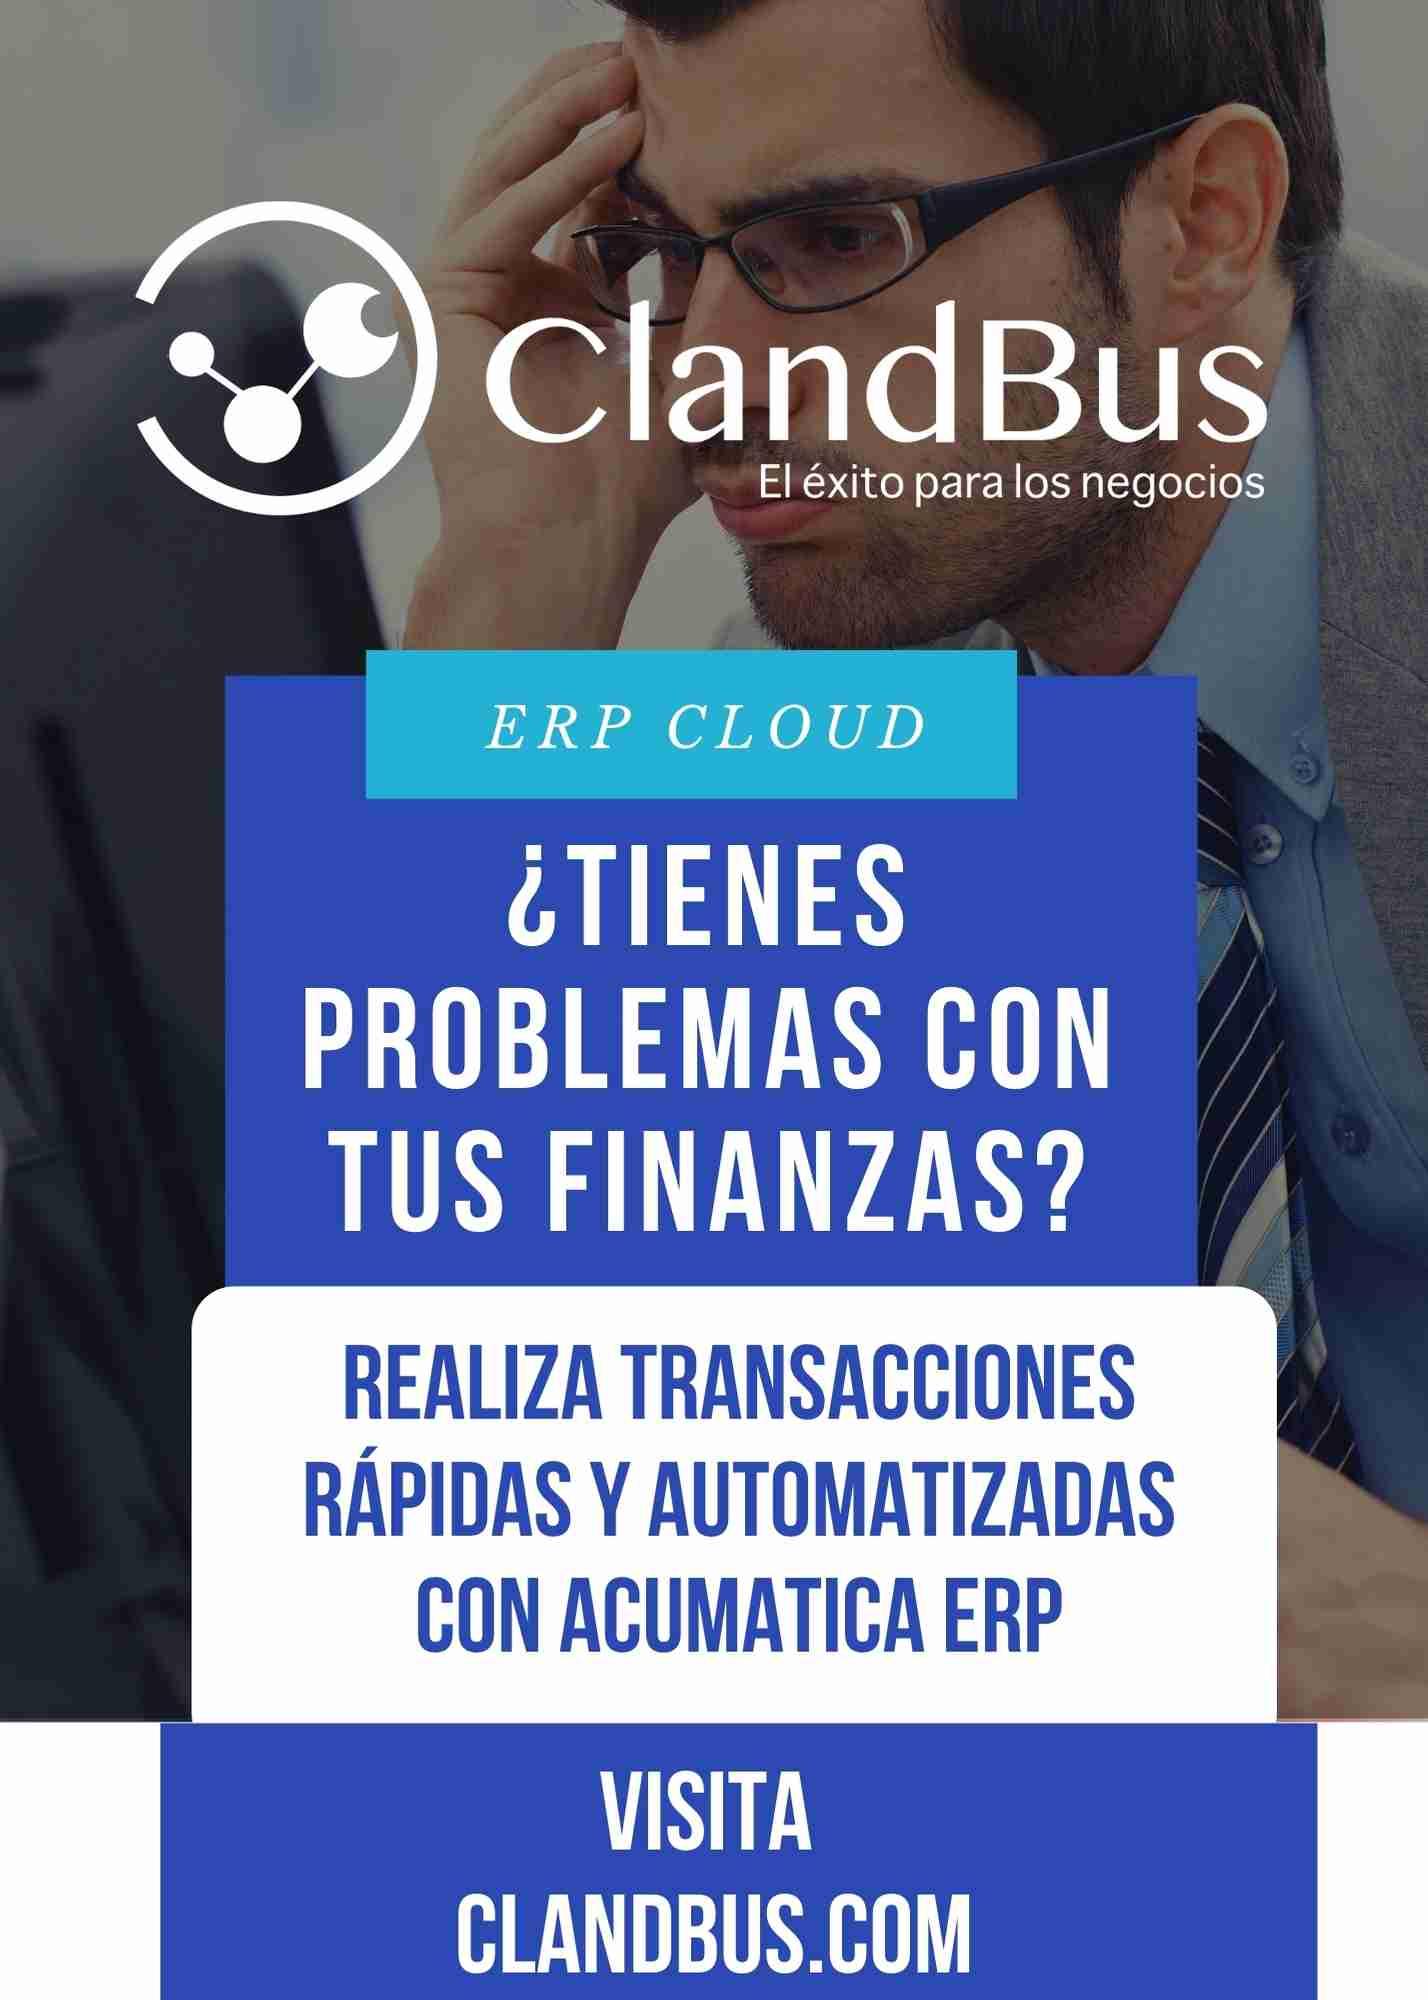 FLUJO DE EFECTIVO -Corrige tus prorblemas financieros y visualiza tu información más fácilmente con Acumatica ERP